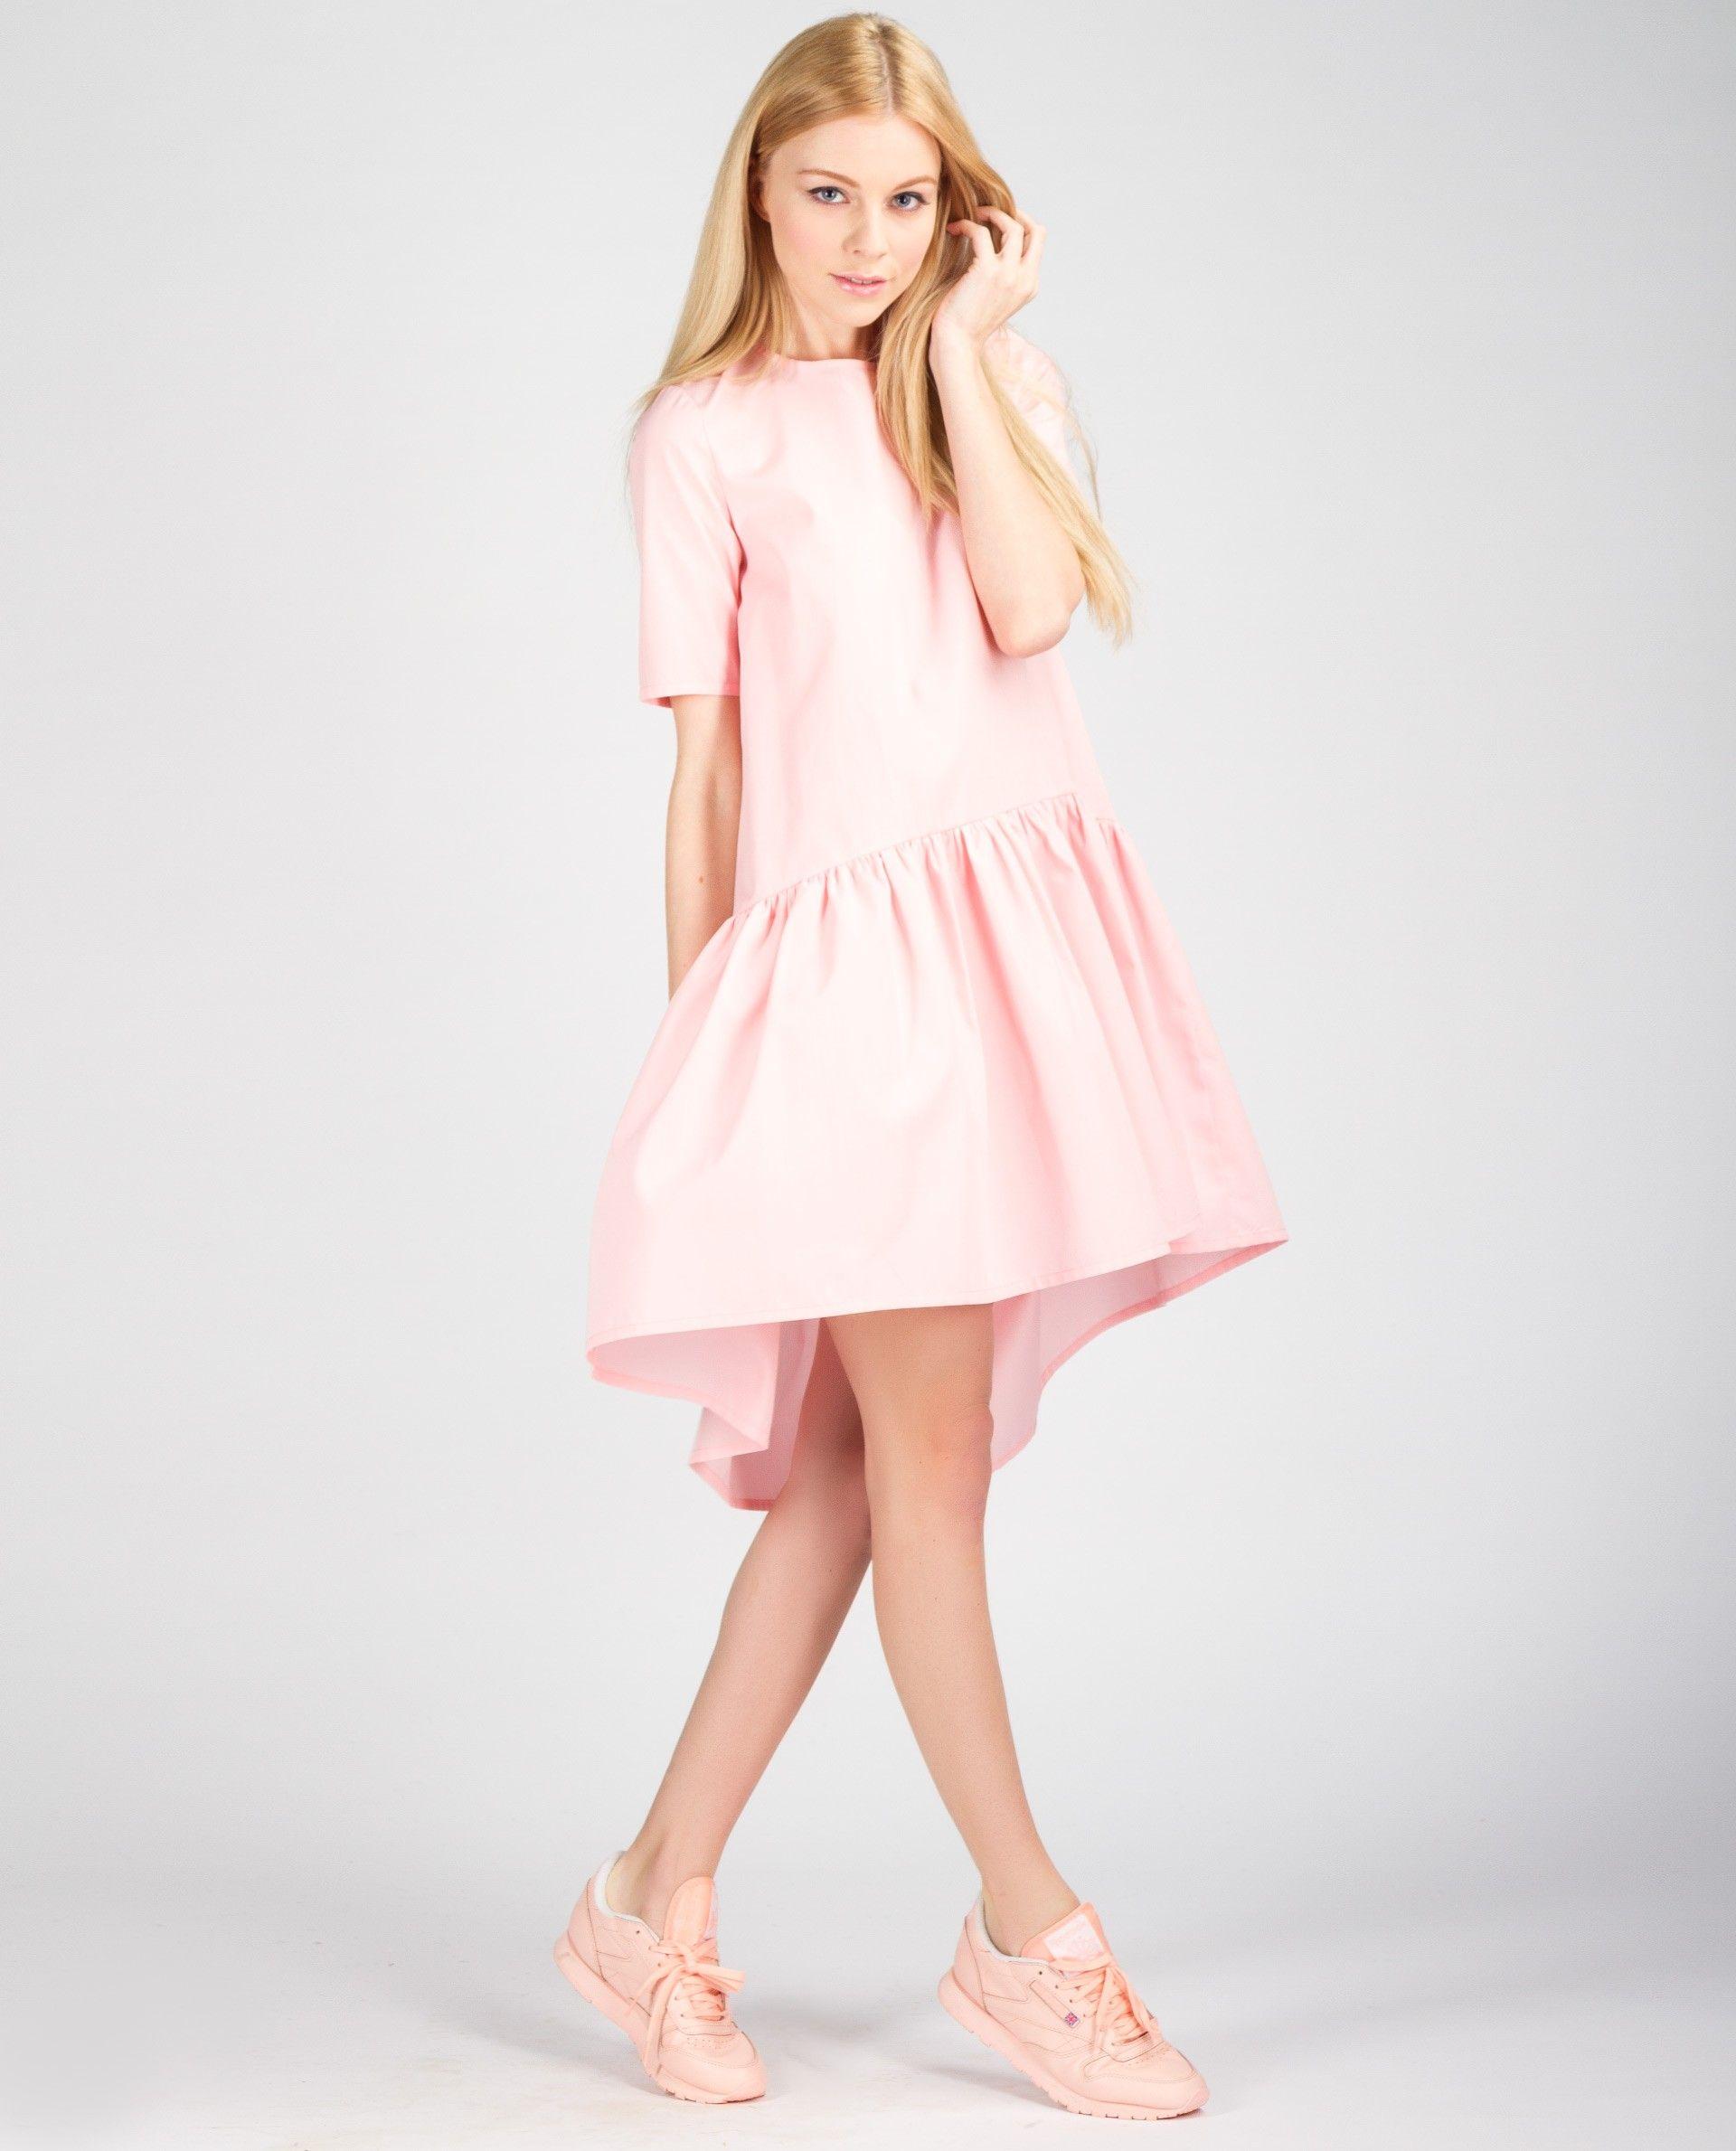 Сшить летнюю юбку с воланами фото 452